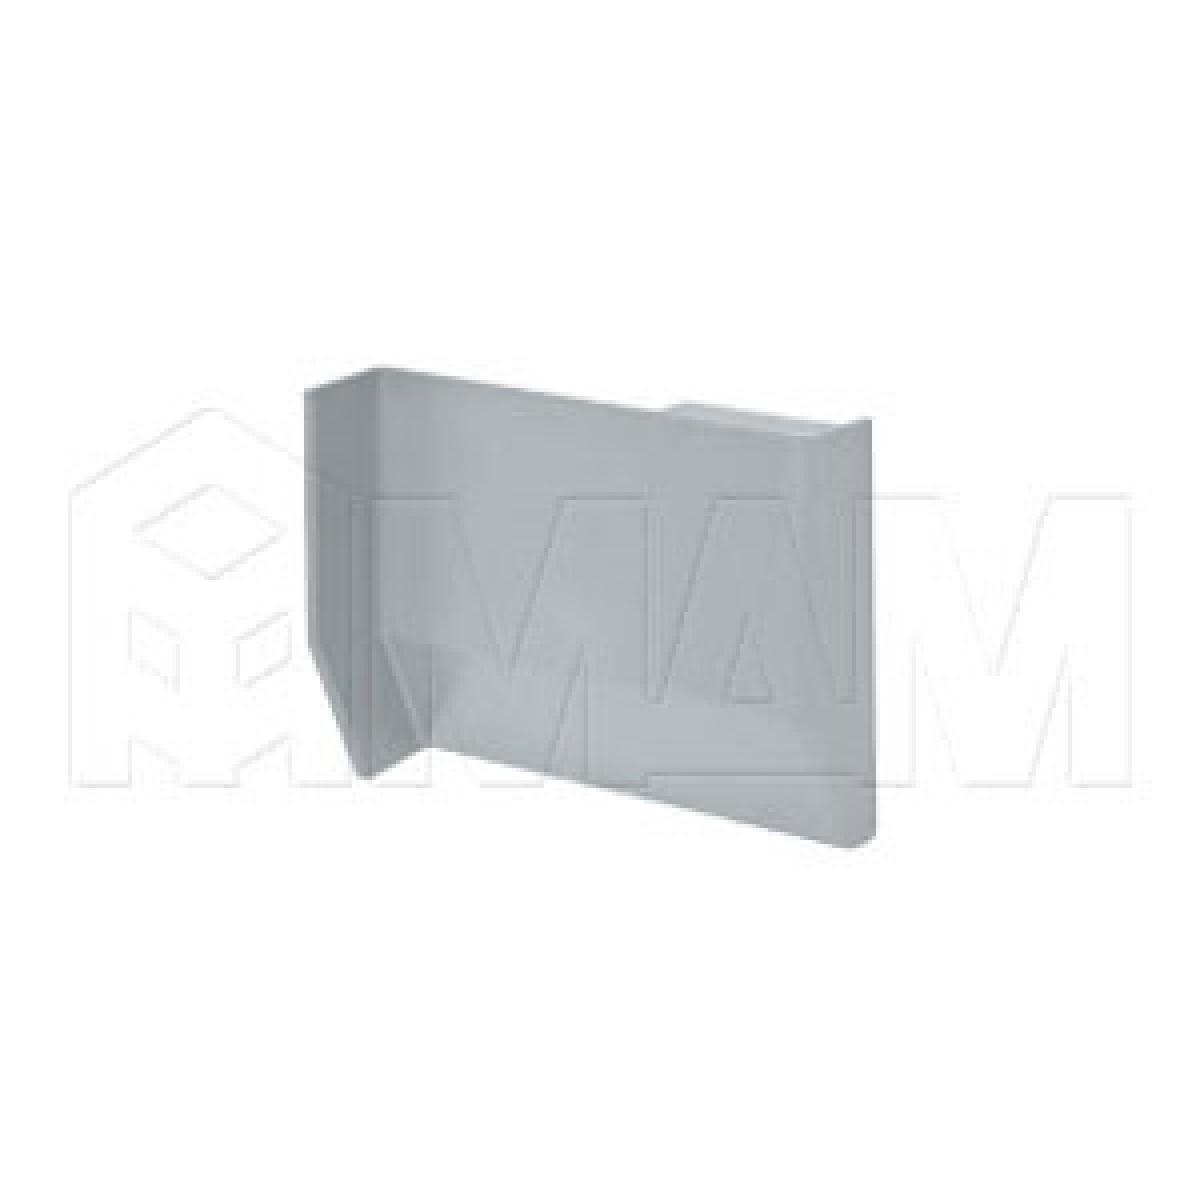 801 Заглушка для мебельного навеса, пластик, серая, правая